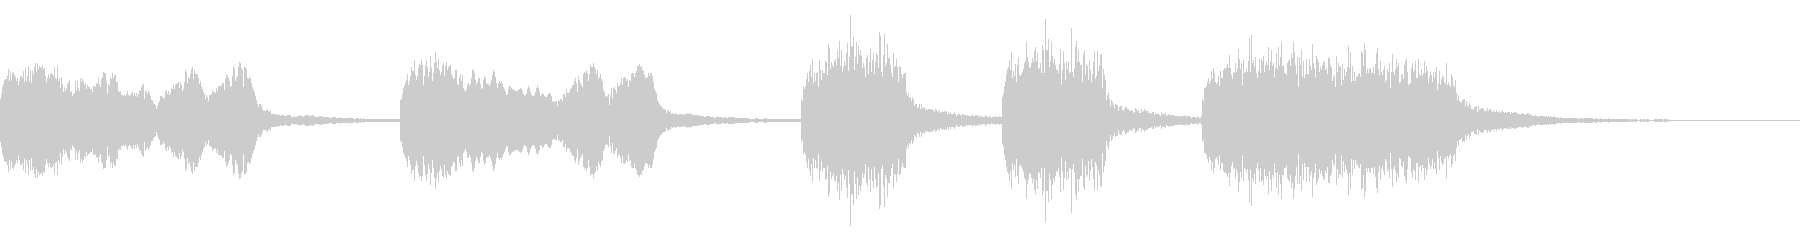 【ジングル】アコーディオンの可愛いBGMの未再生の波形